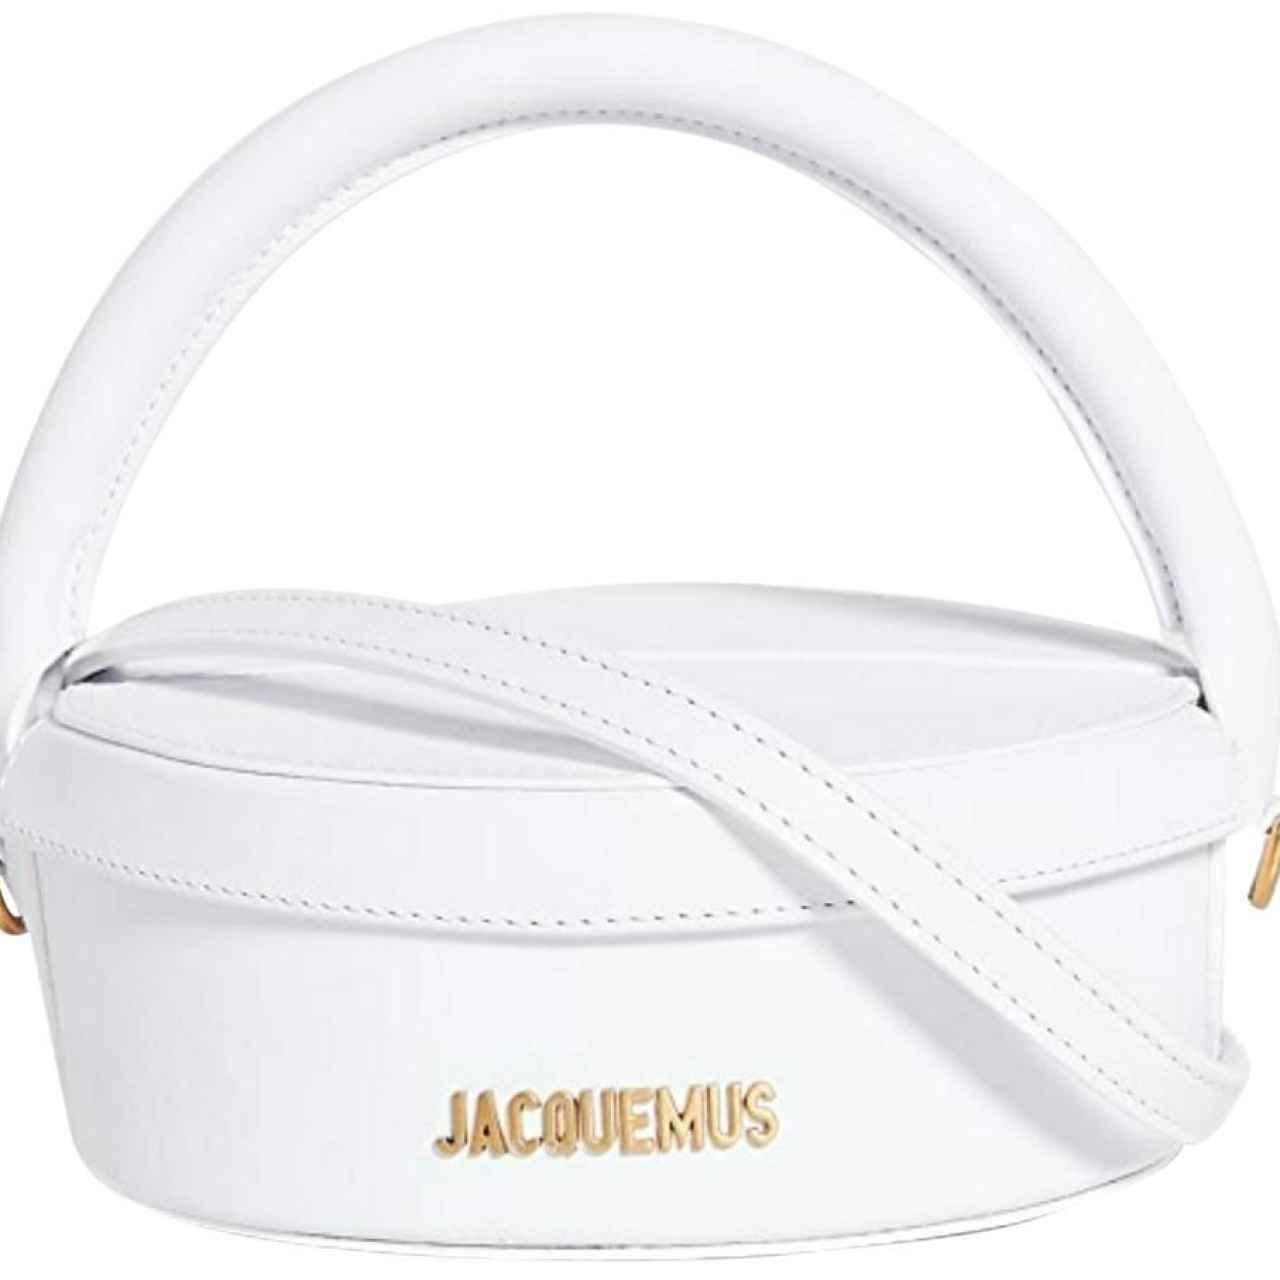 The cake box, el minibolso de Jacquemus por excelencia.